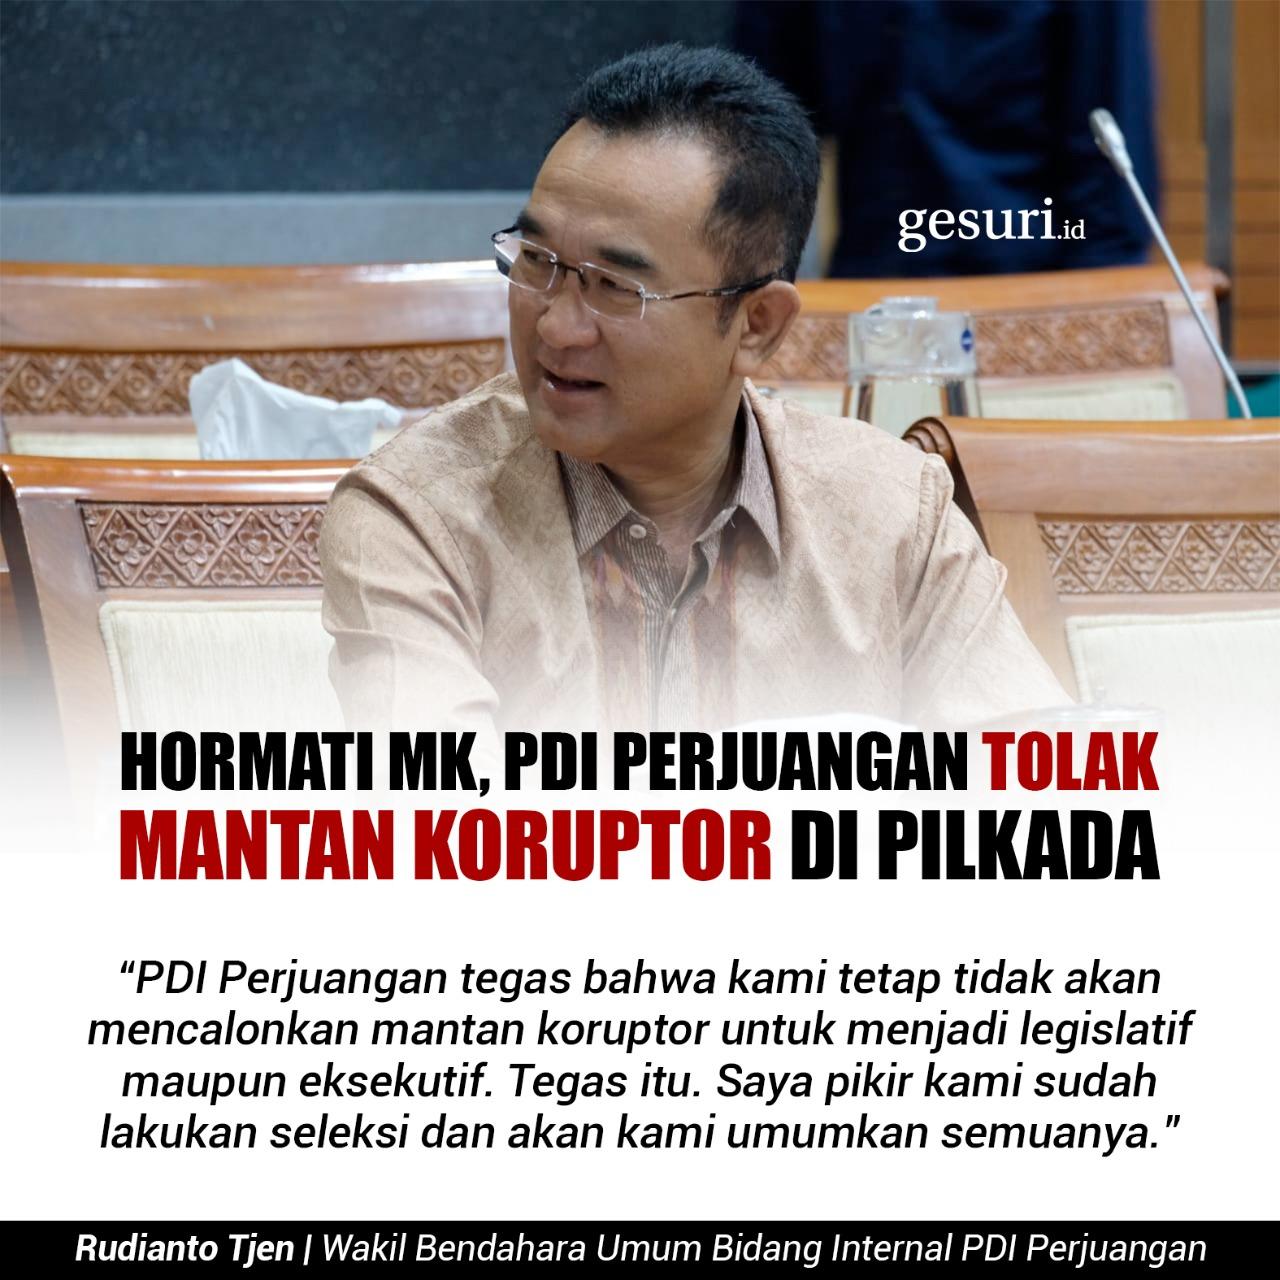 Hormati MK, PDI Perjuangan Tolak Mantan Koruptor di Pilkada